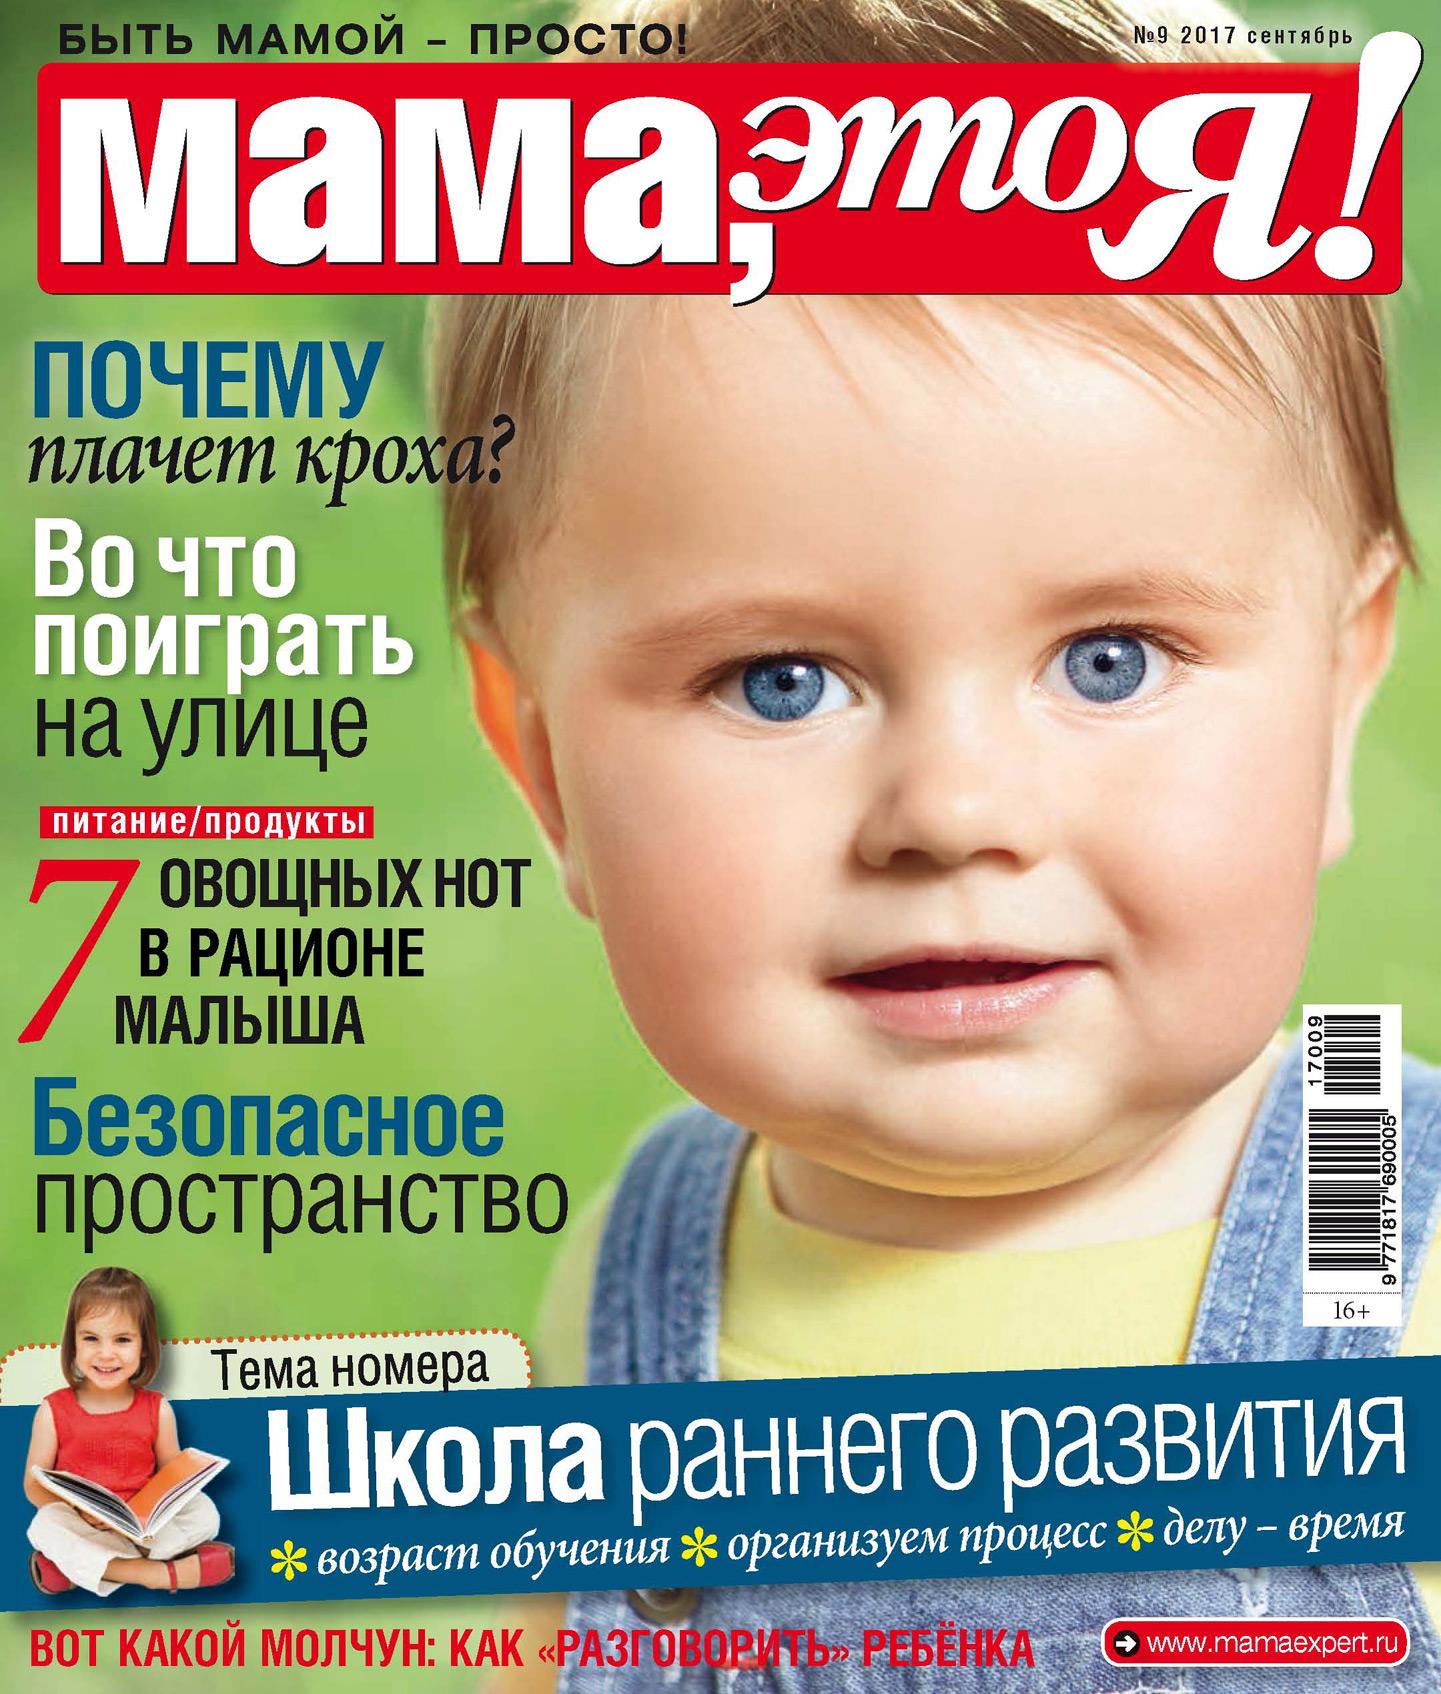 Отсутствует Мама, это Я! №09/2017 отсутствует мама это я спецвыпуск 07 2017 питание малыша